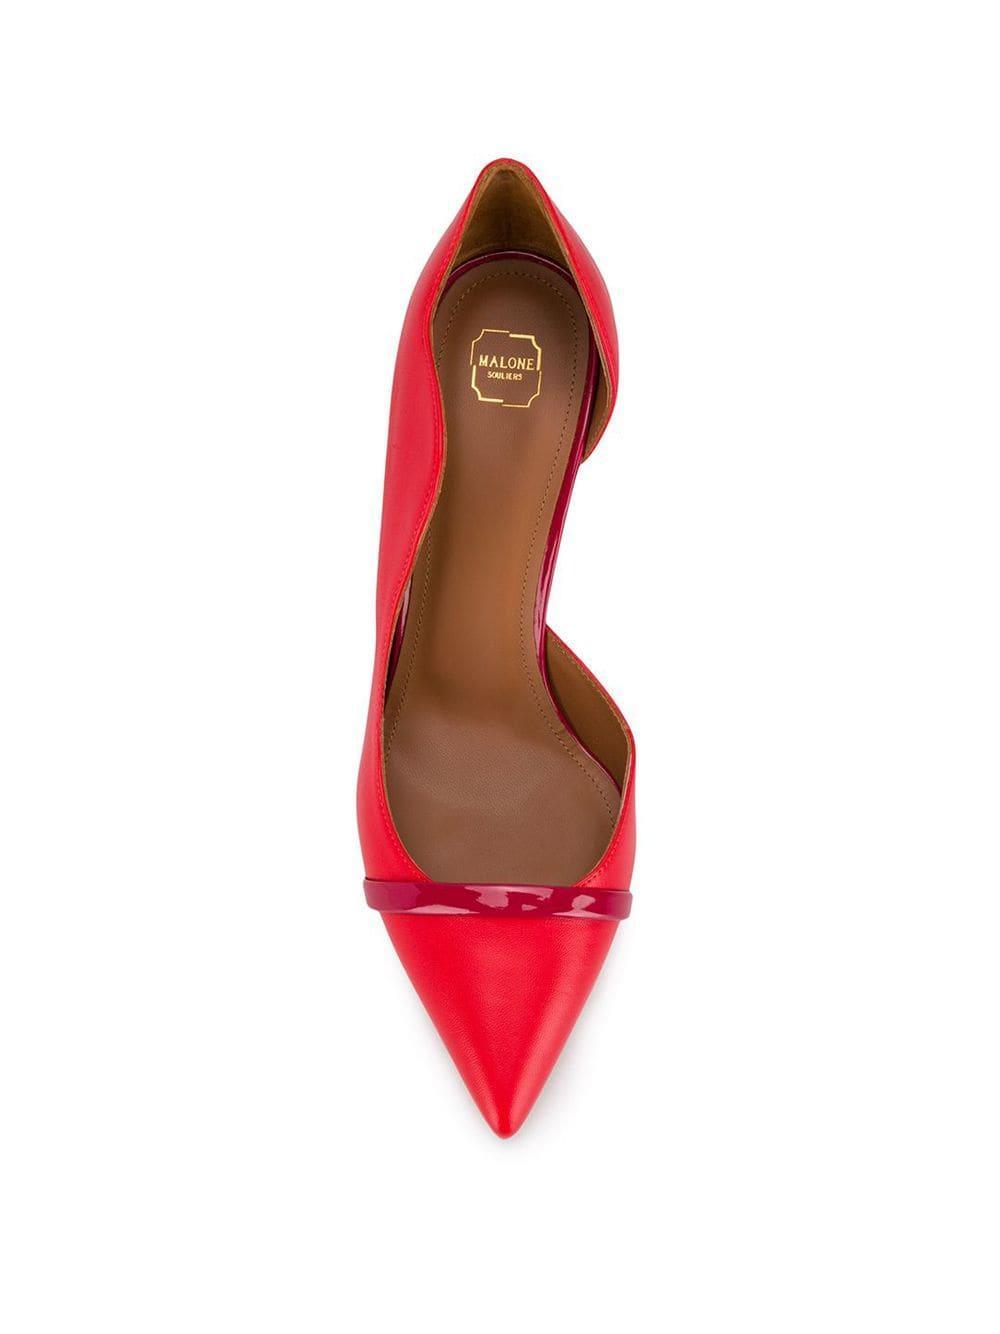 Zapatos de tacón Morissey Malone Souliers de Cuero de color Rojo